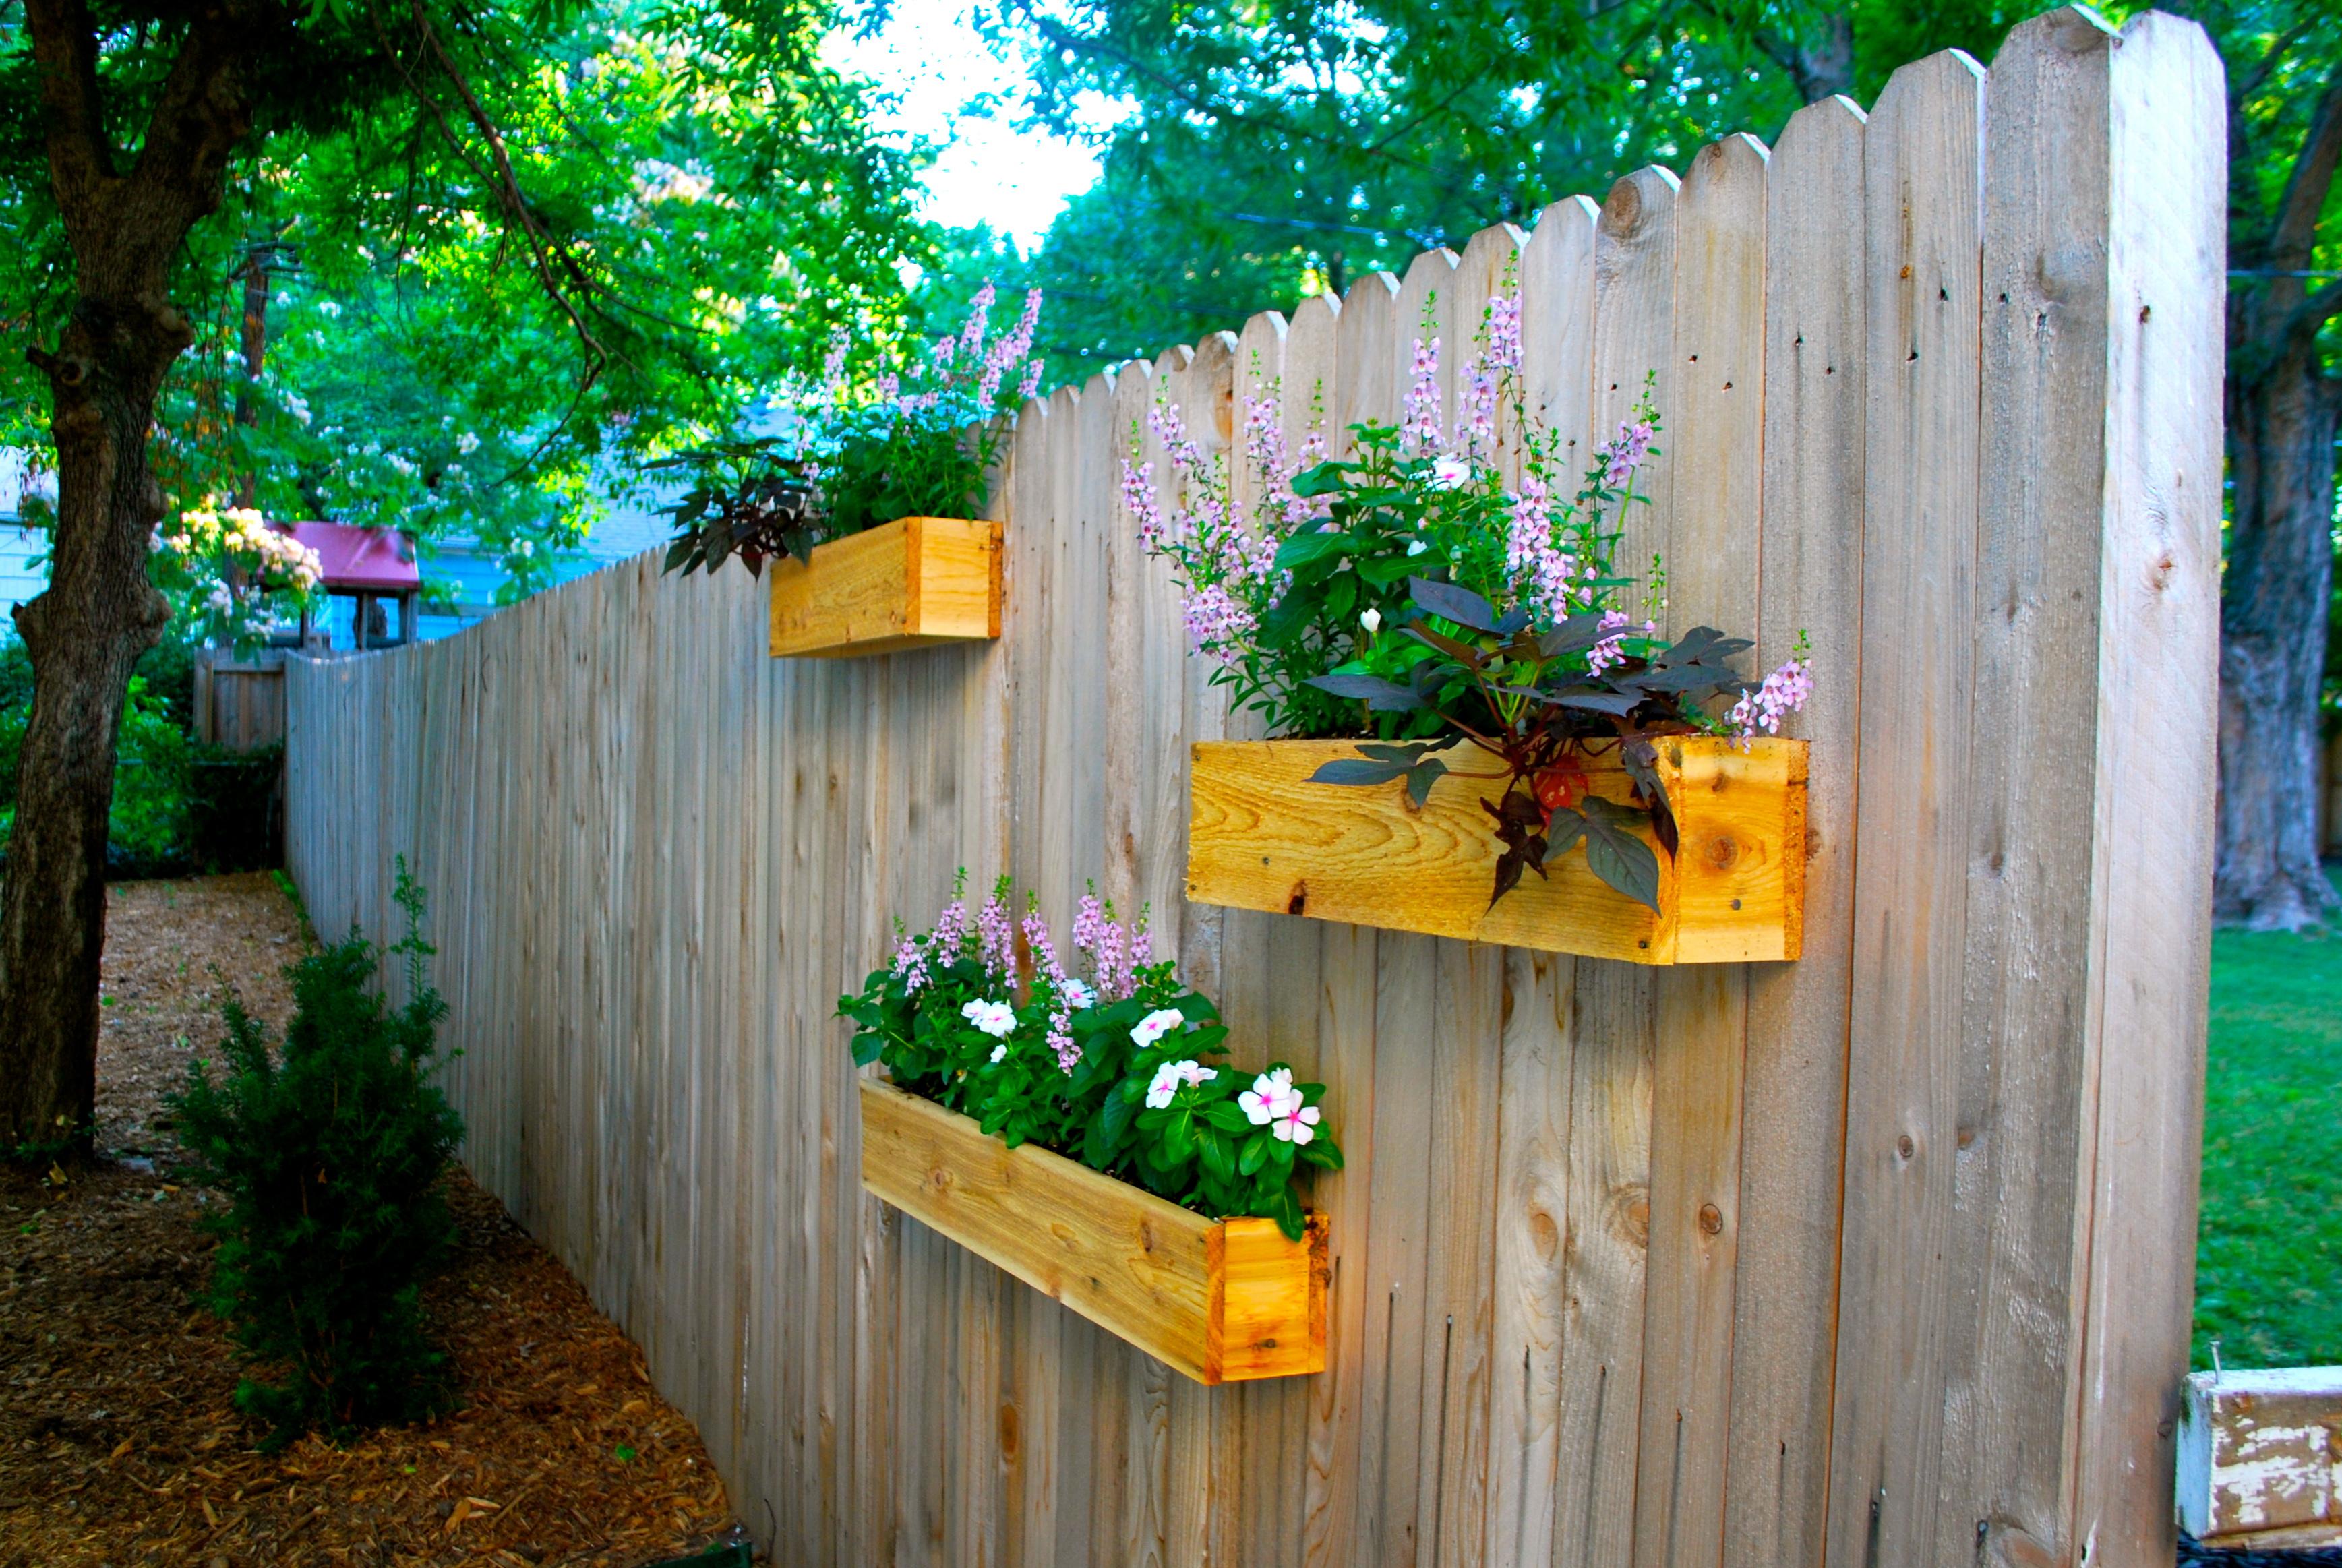 Fullsize Of Fence Garden Planters